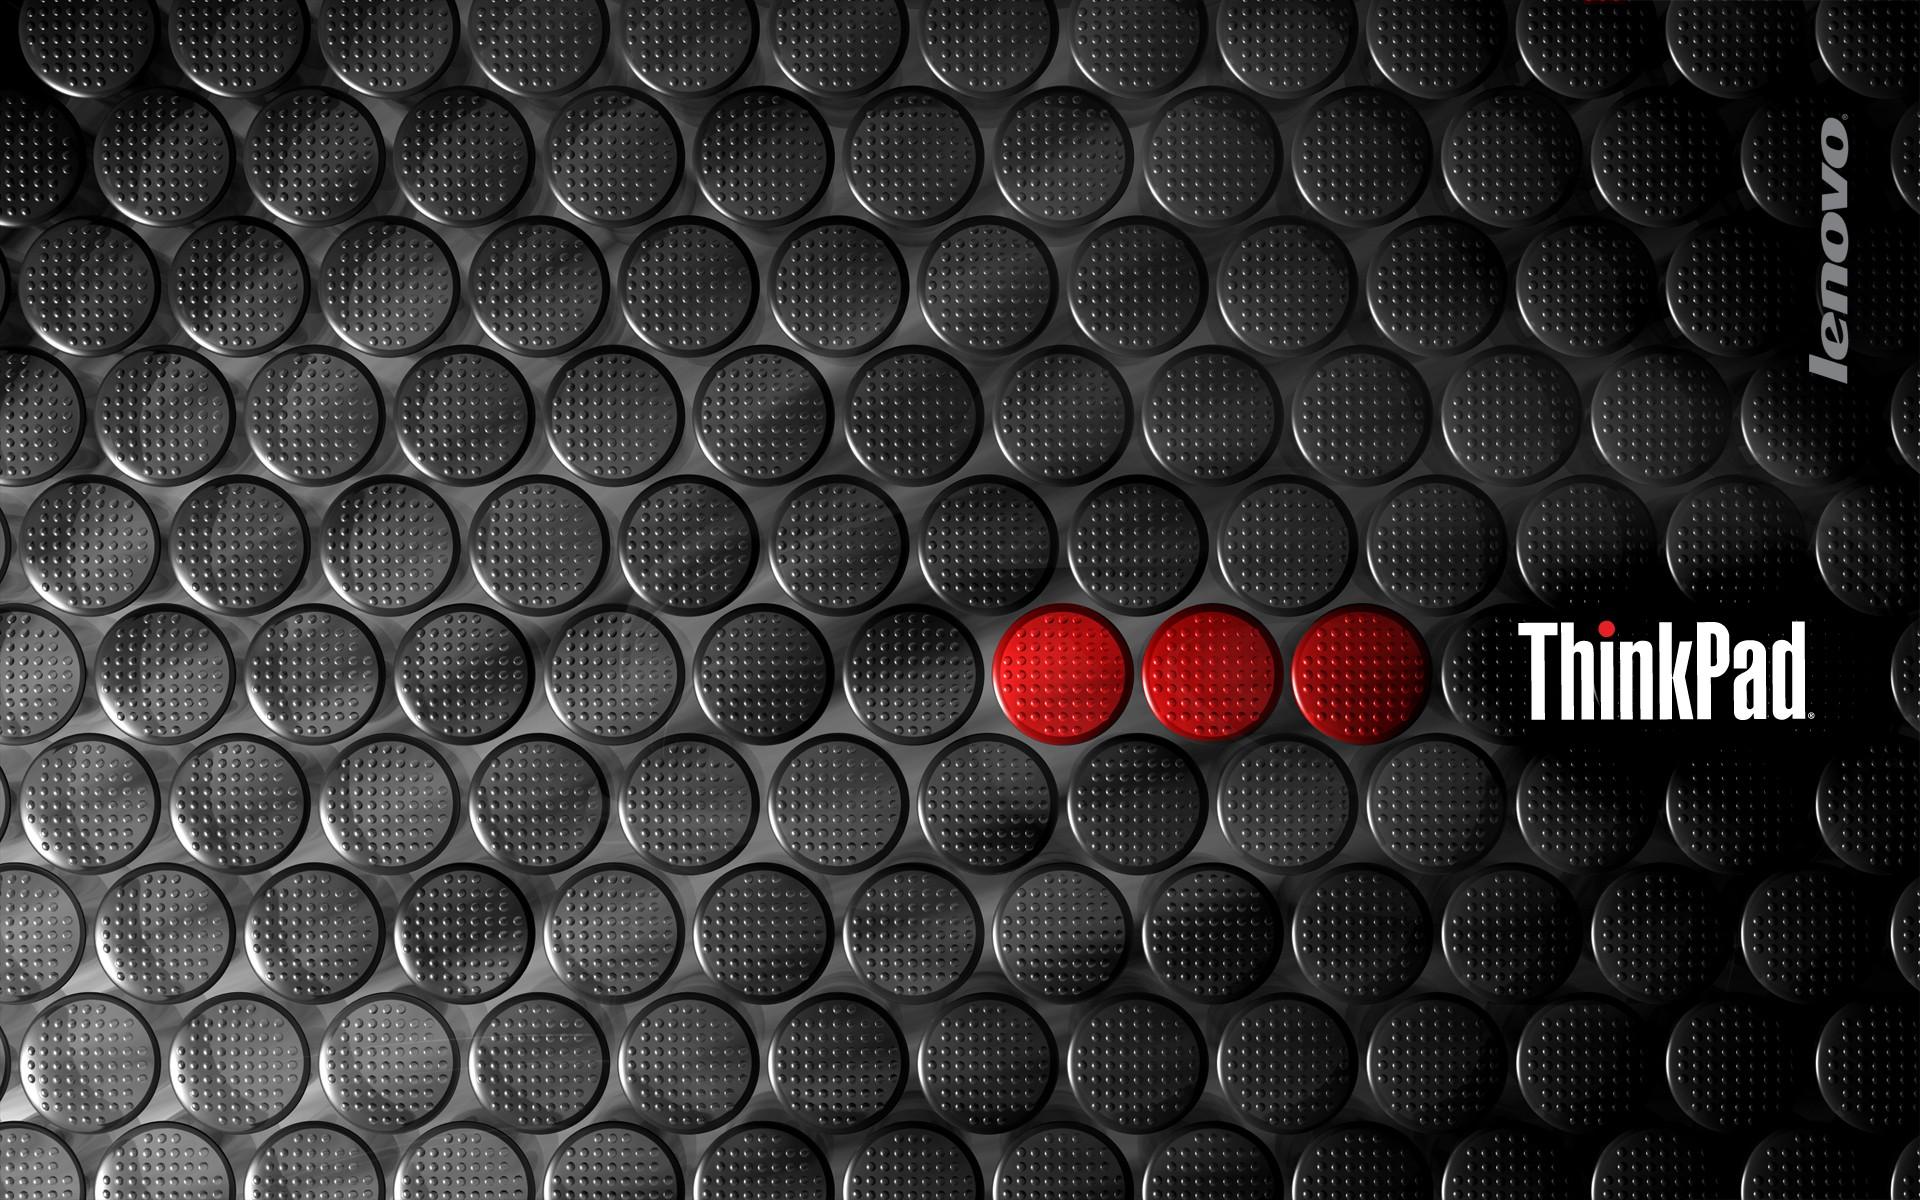 960x854 Ibm Thinkpad Lenovo Think 1920x1200 Wallpaper Art Hd Wallpaper 1920x1200